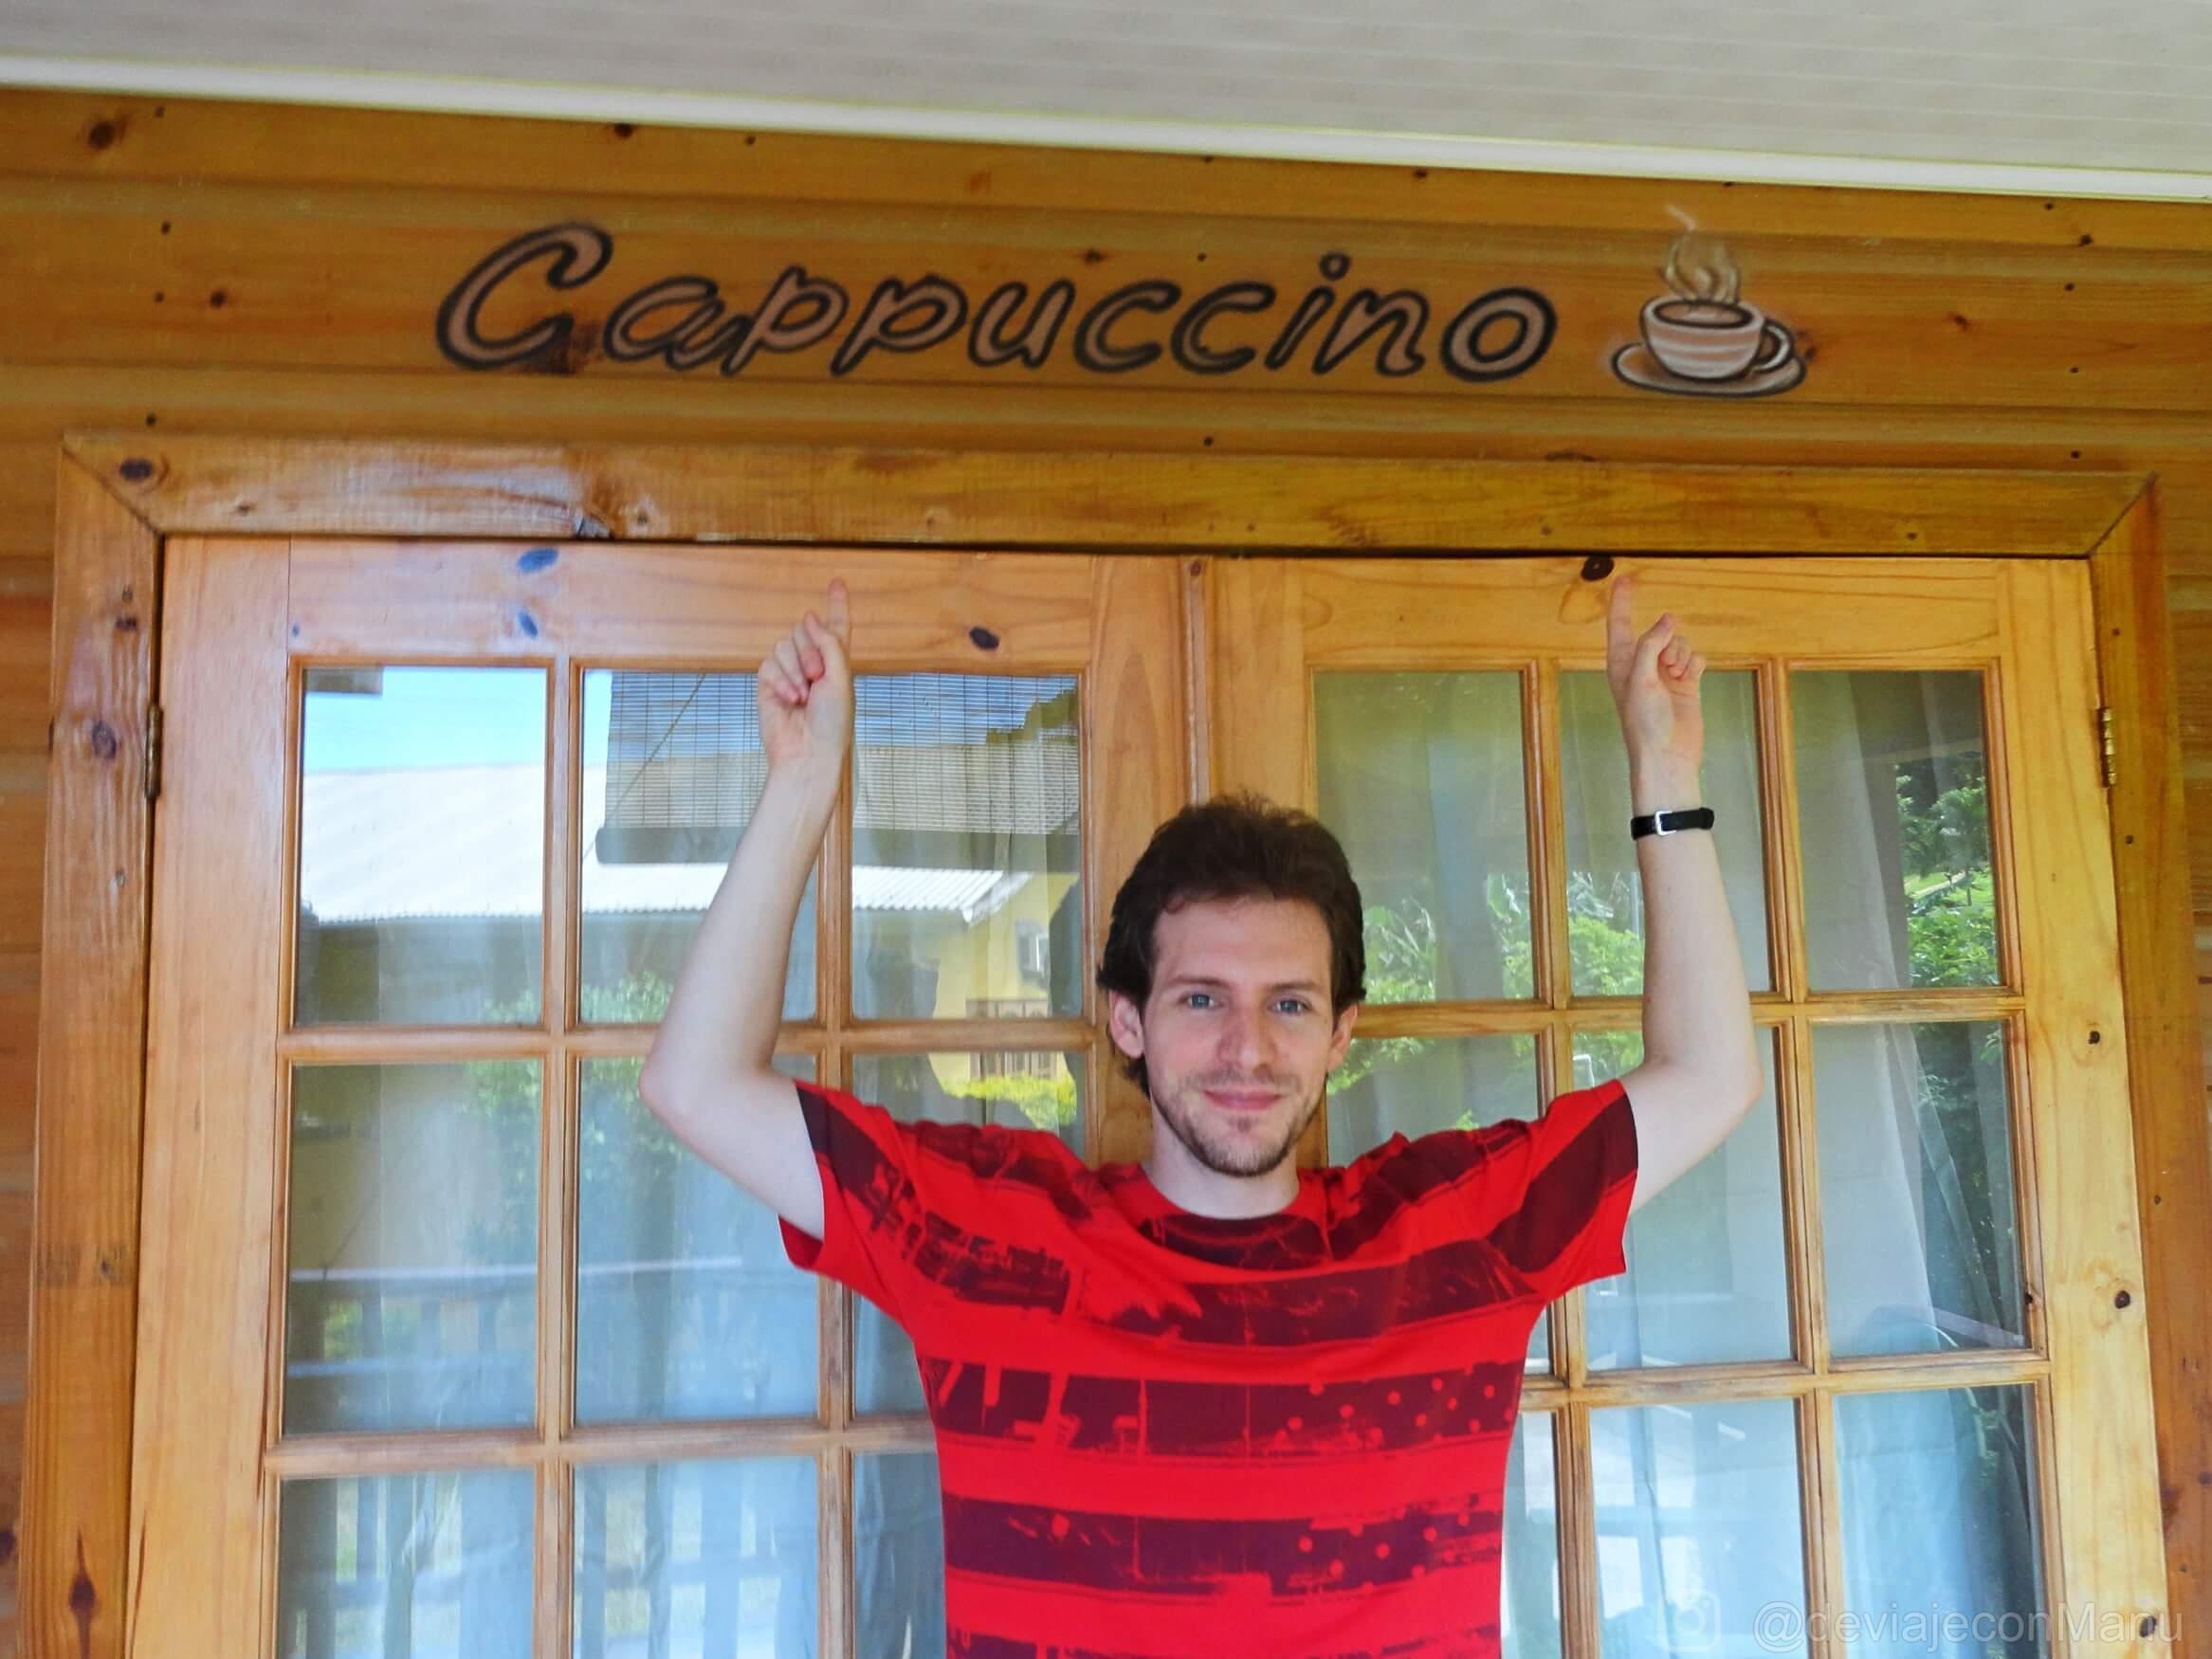 Habitación Capuccino